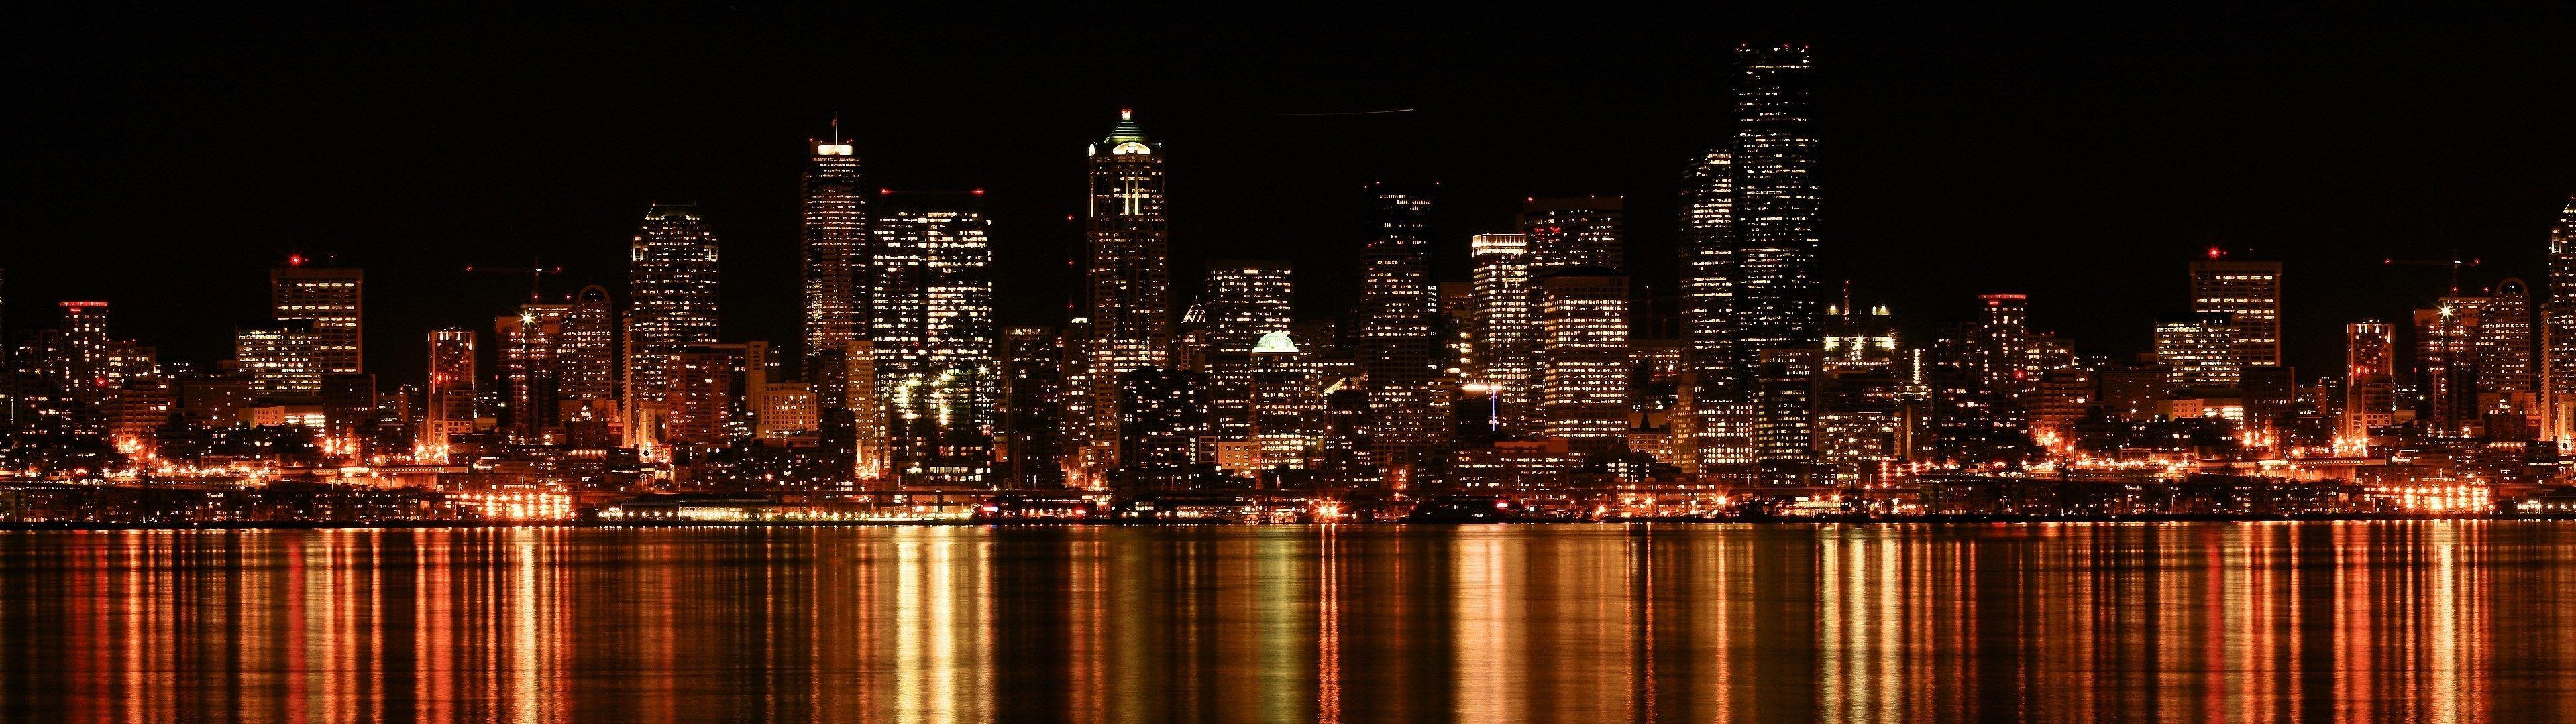 Free Desktop Backgrounds For City 3840x1080 1041 Kb 壁紙 デスクトップ 行ってみたい場所 ゴルゴ13